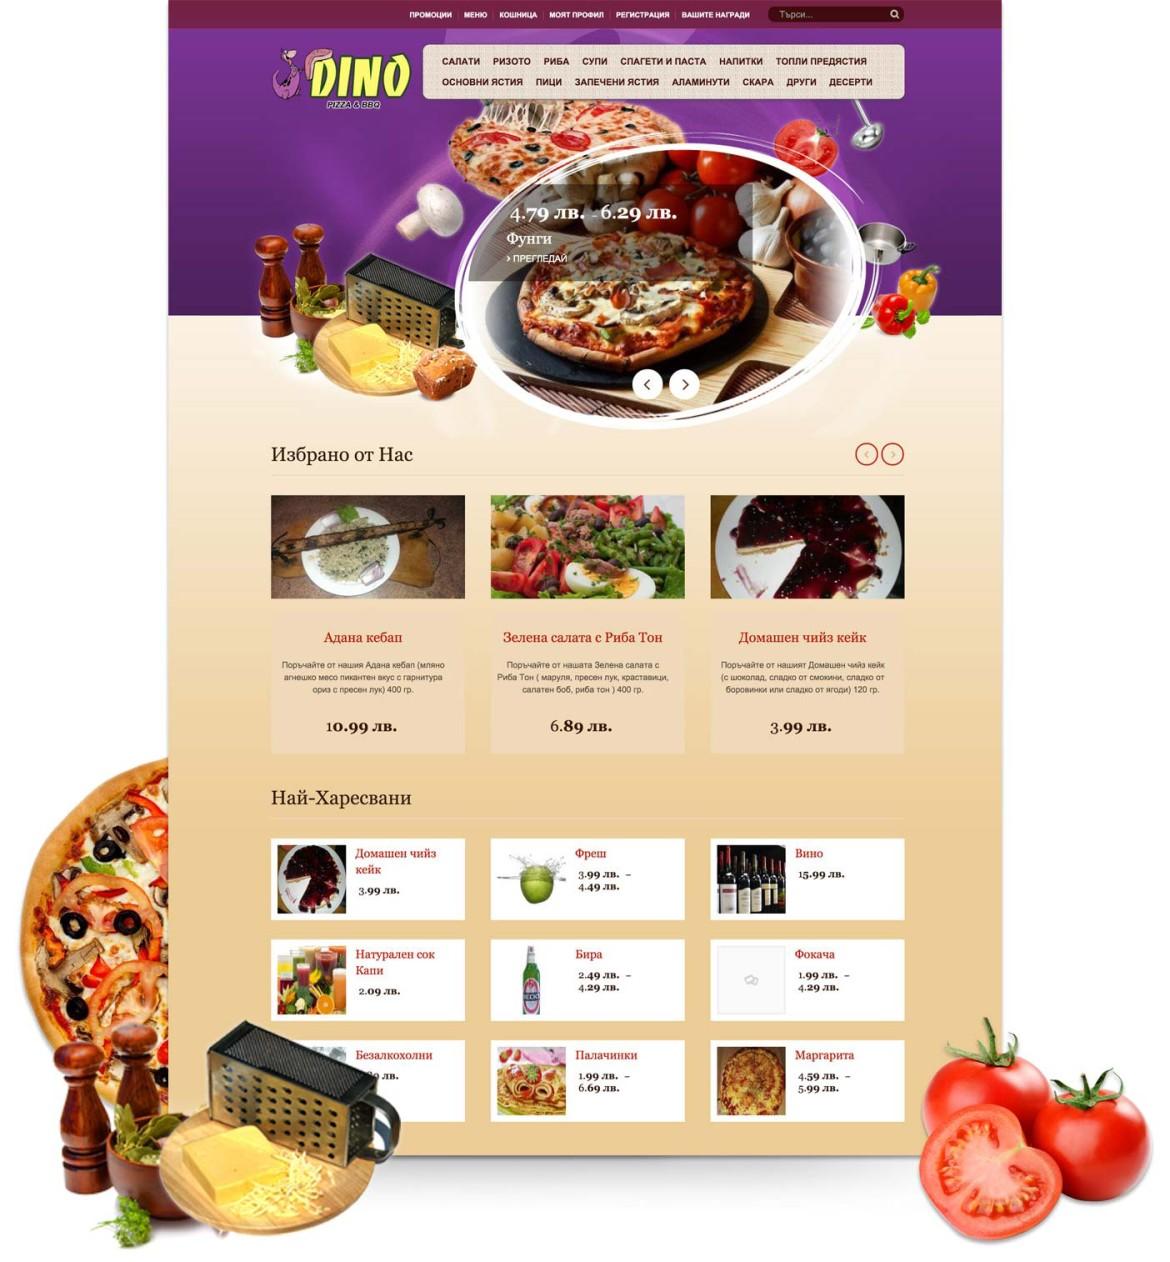 pizzadino-online-store-1170x1262